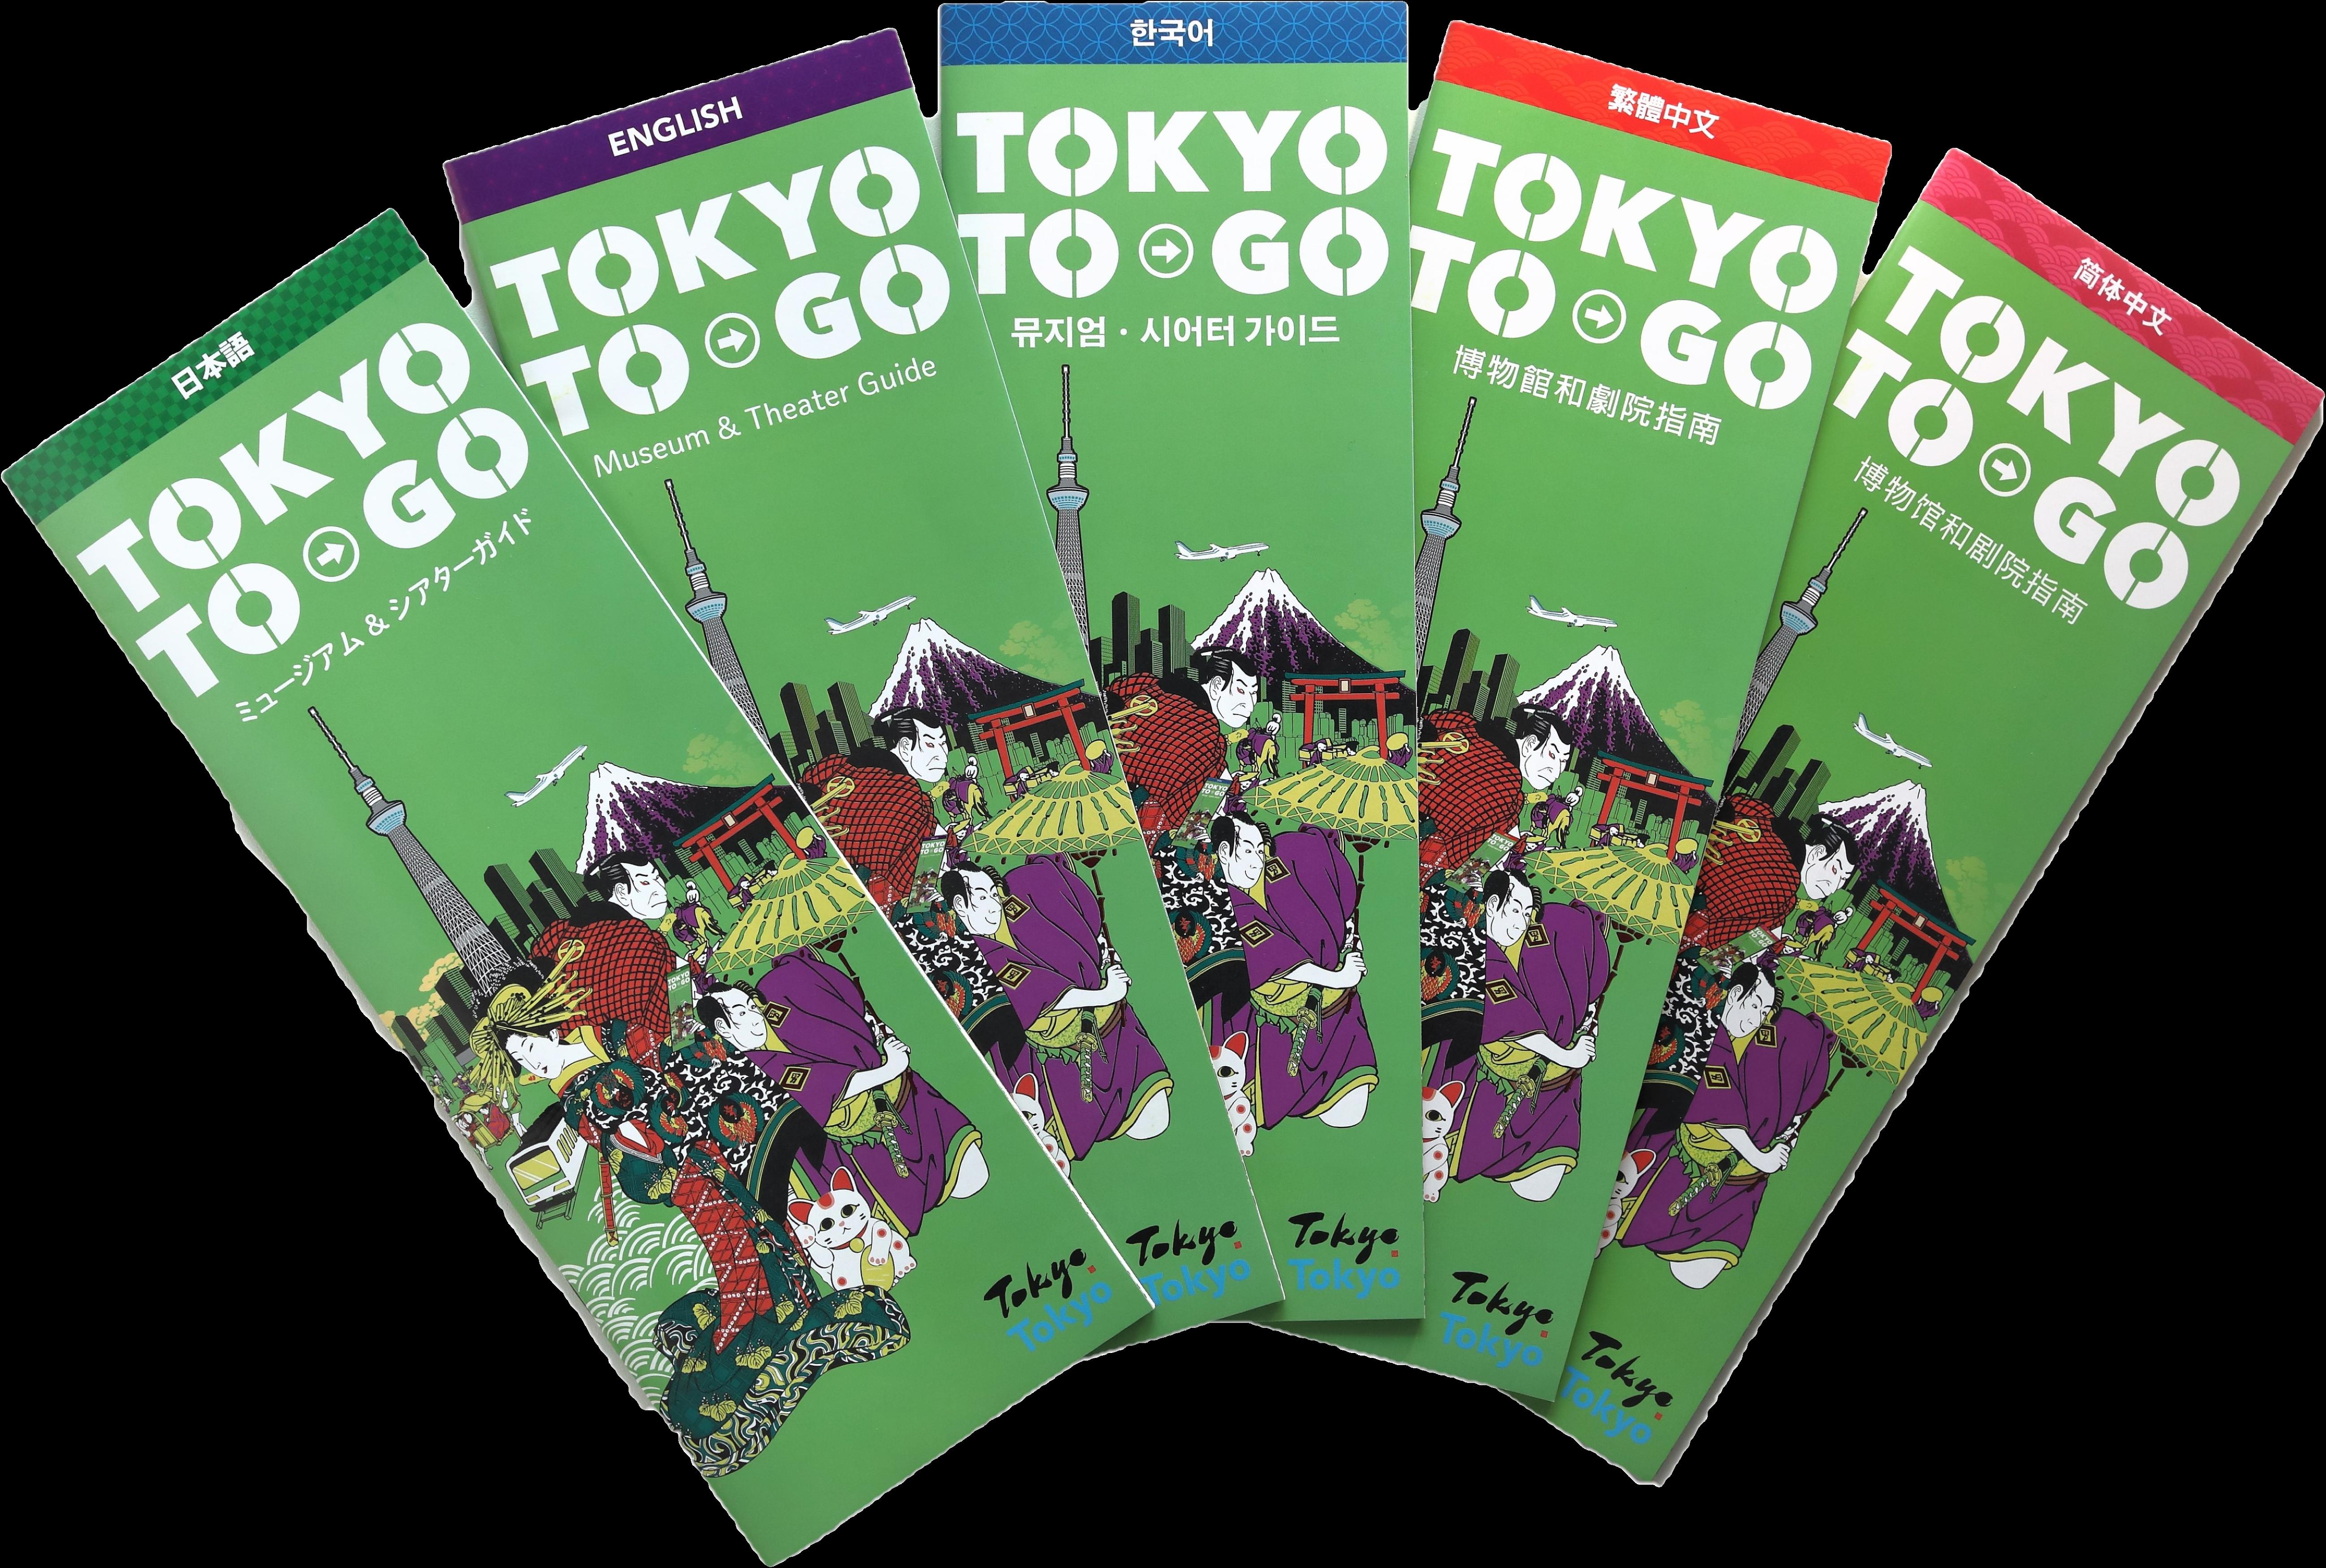 都立文化施設の多言語ガイドブック tokyo to go を無料配布中 公益